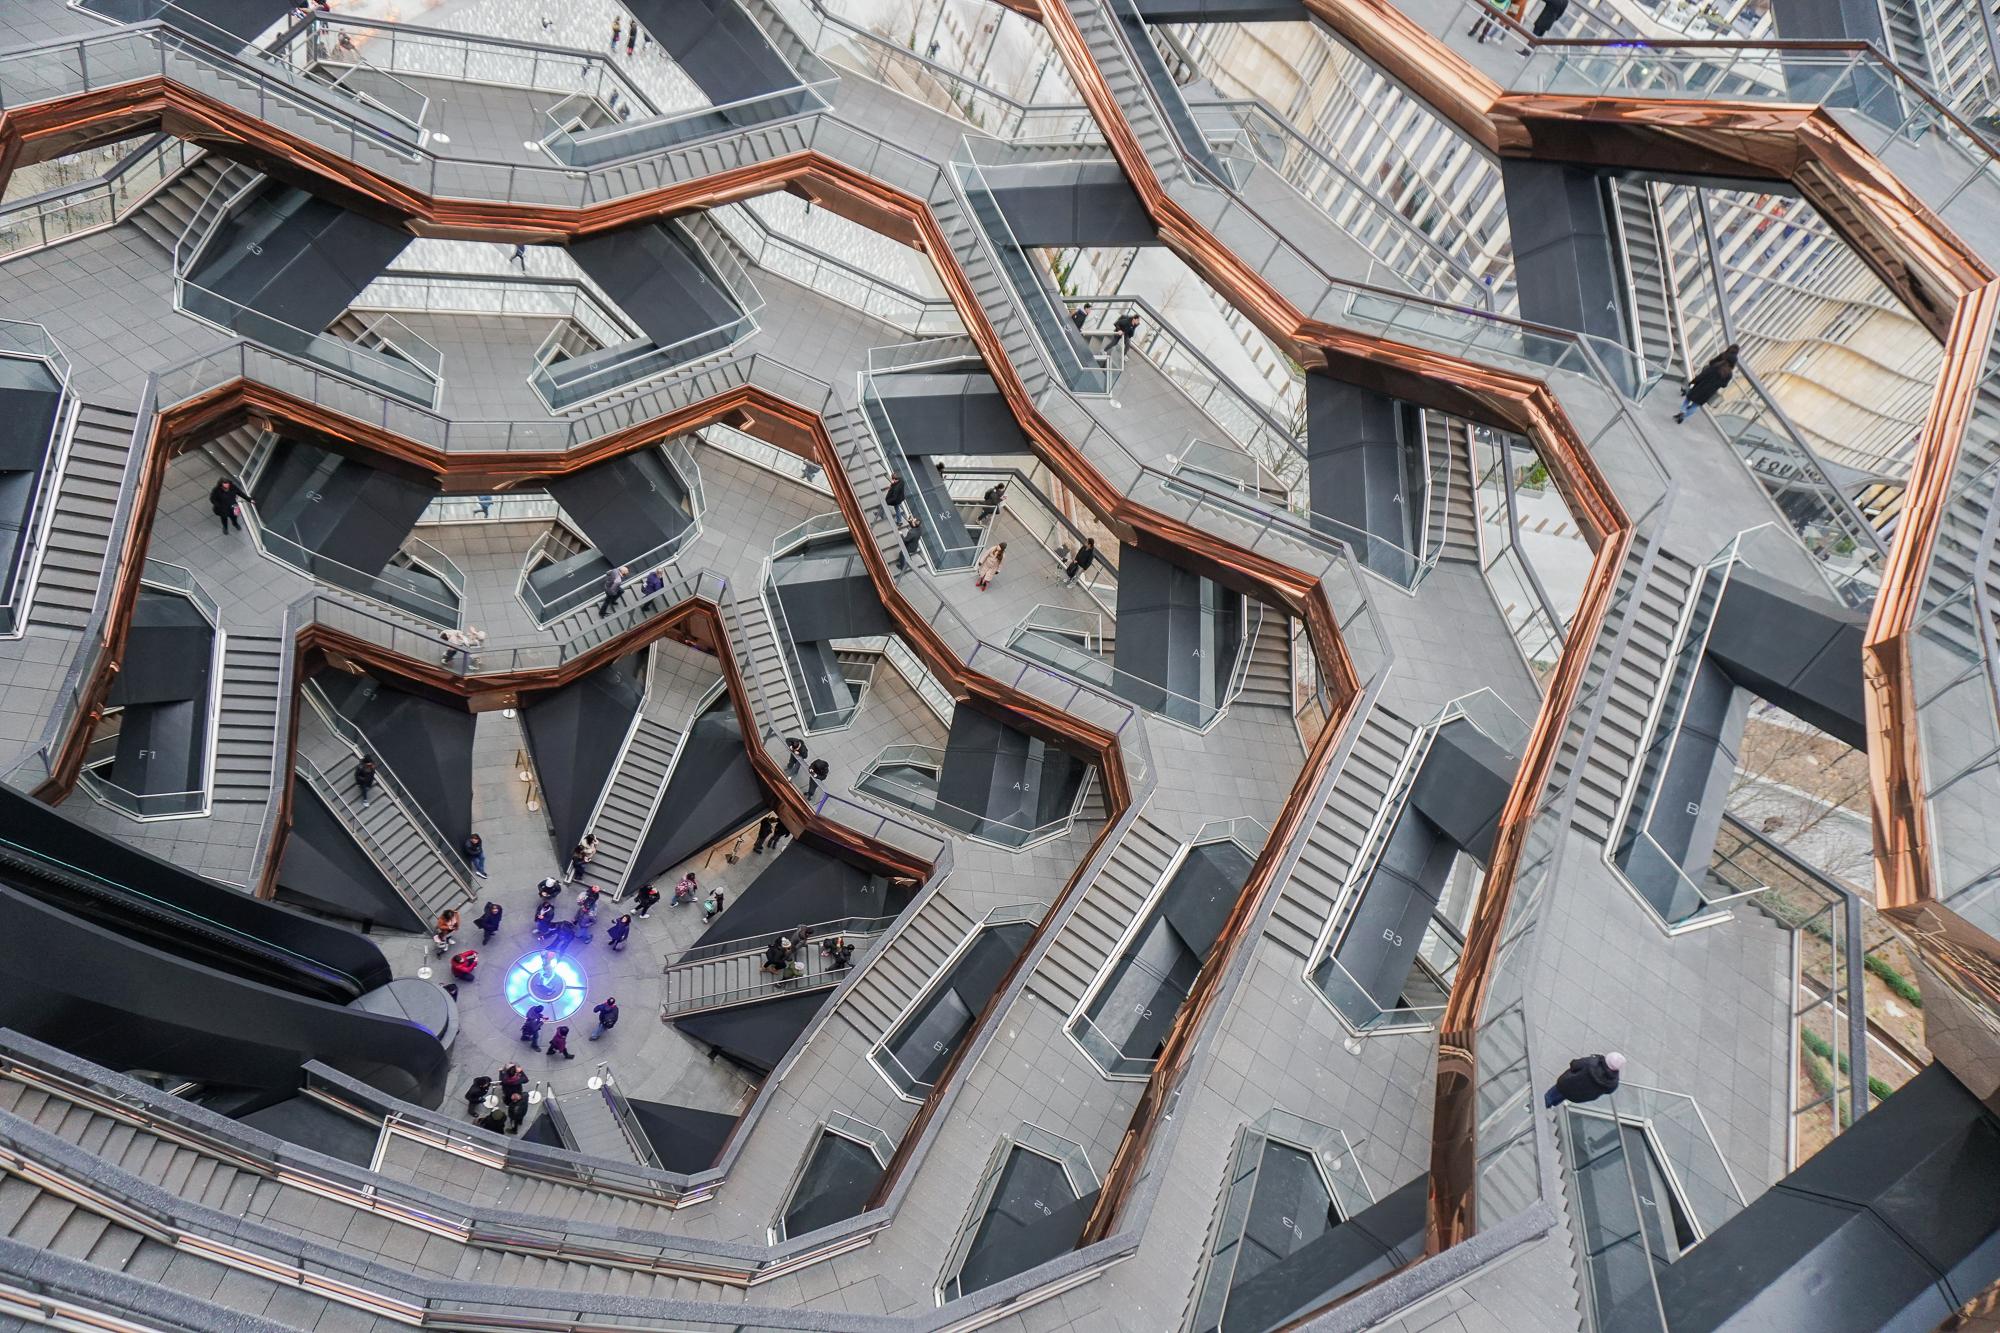 """Foto tirada de cima do The Vessel, mostrando as curvas da construção, com """"janelas"""" de vidro por toda sua extensão"""